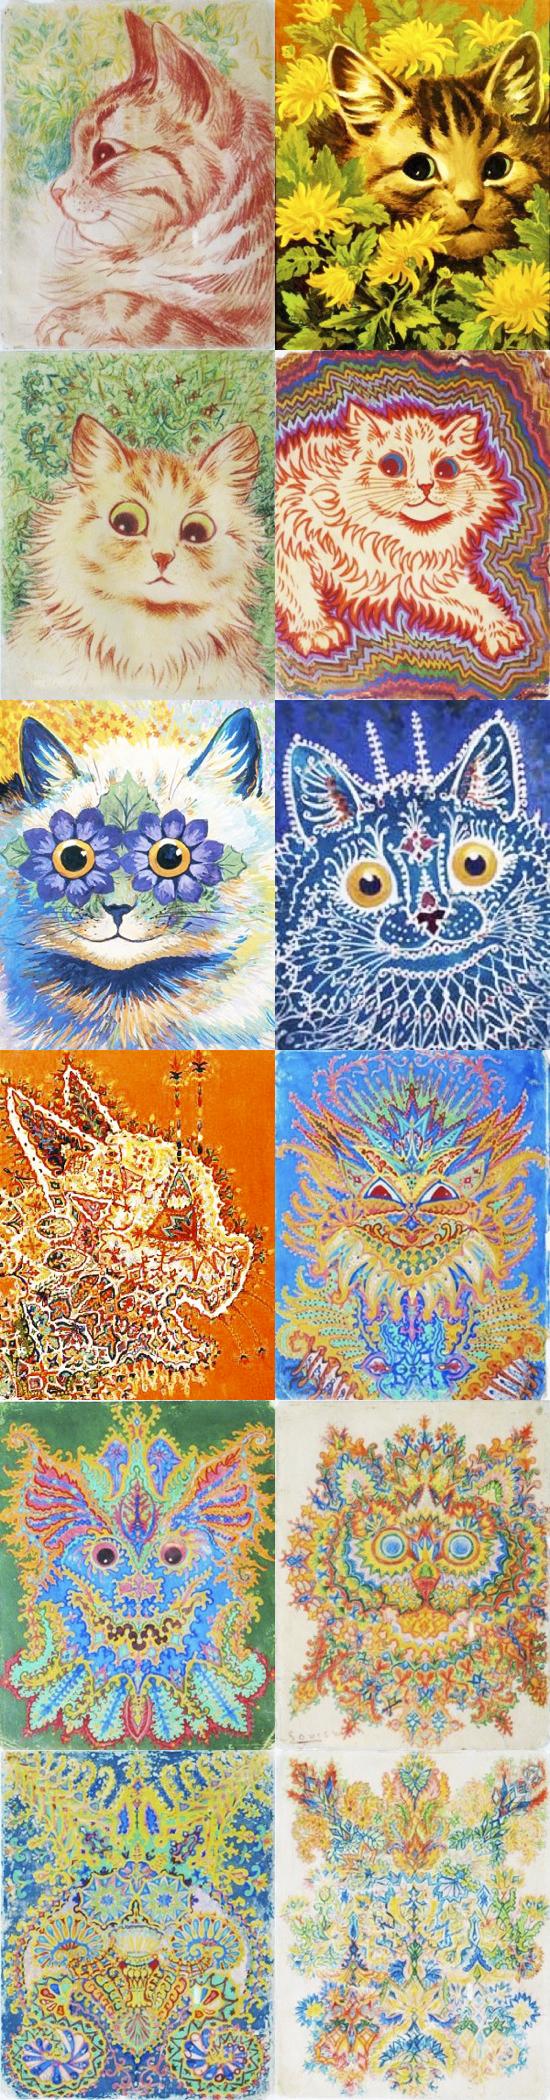 красивые-картинки-картинки-коты-живность-910019